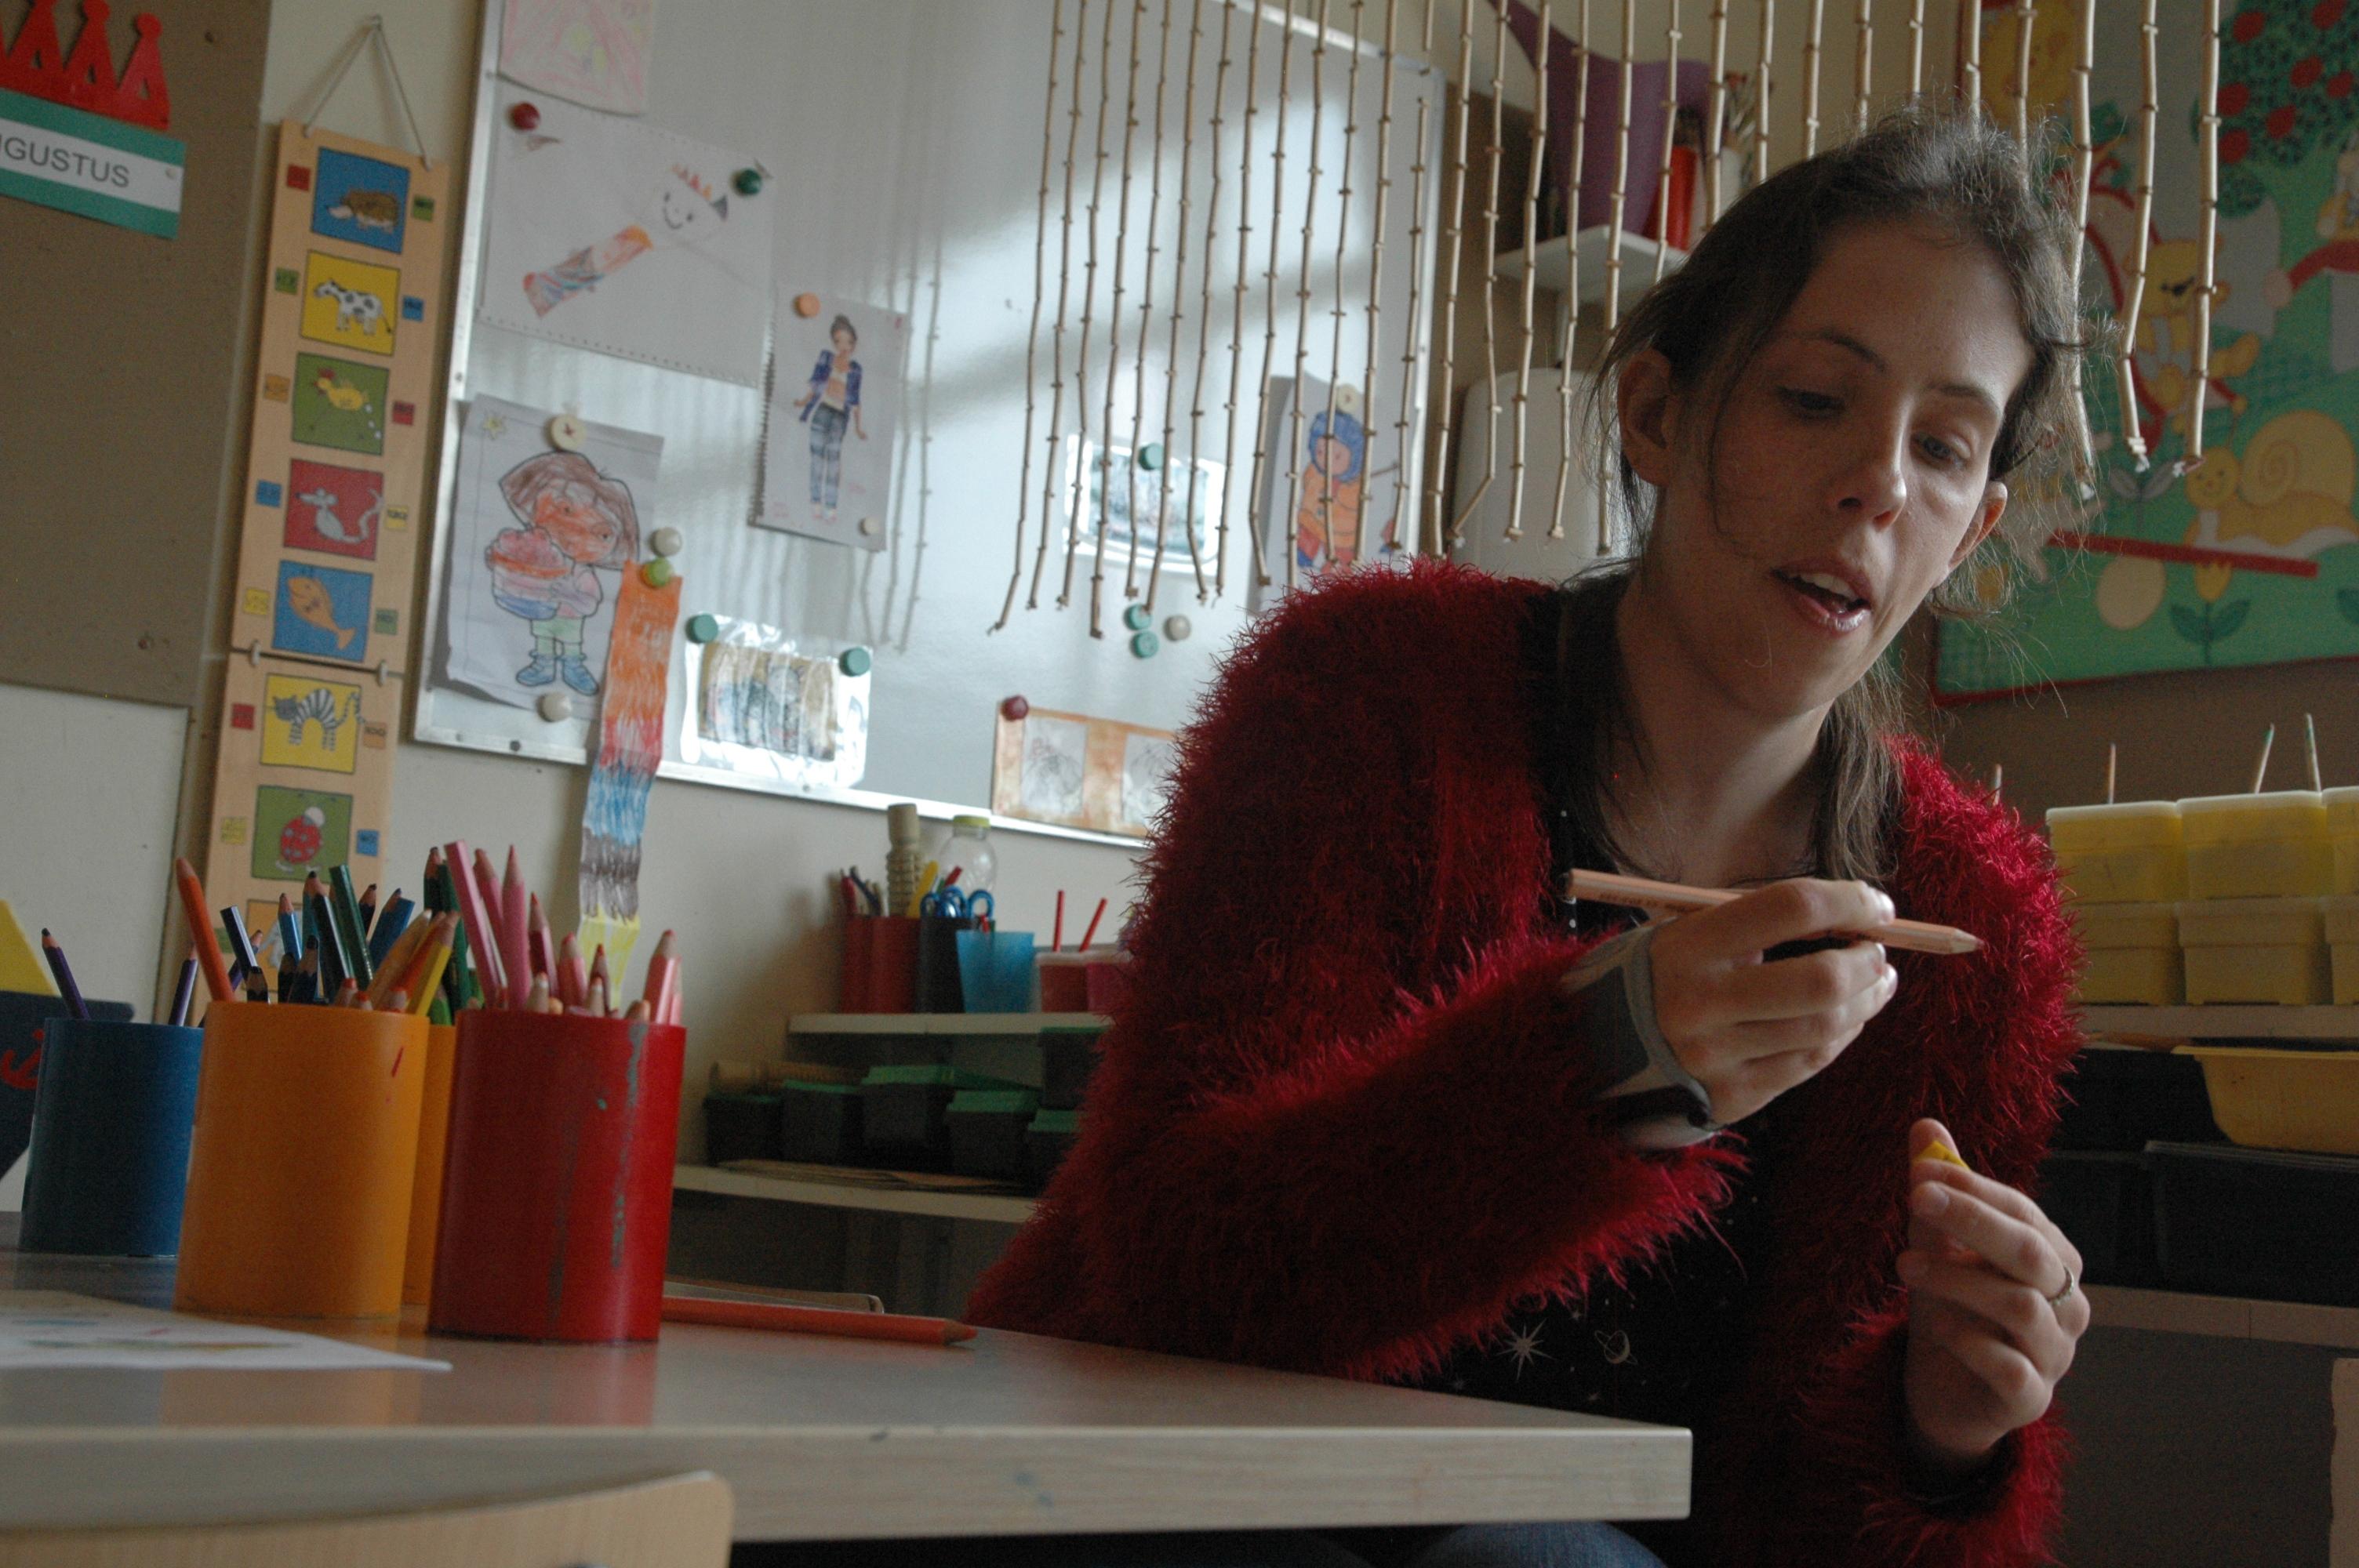 Een vrouw in een rode trui zit aan een tafel. Ze heeft een kleurpotlood in haar hand, waar ze aandachtig naar kijkt. Voor haar op de tafel staan nog meer kleurpotloden en stiften.